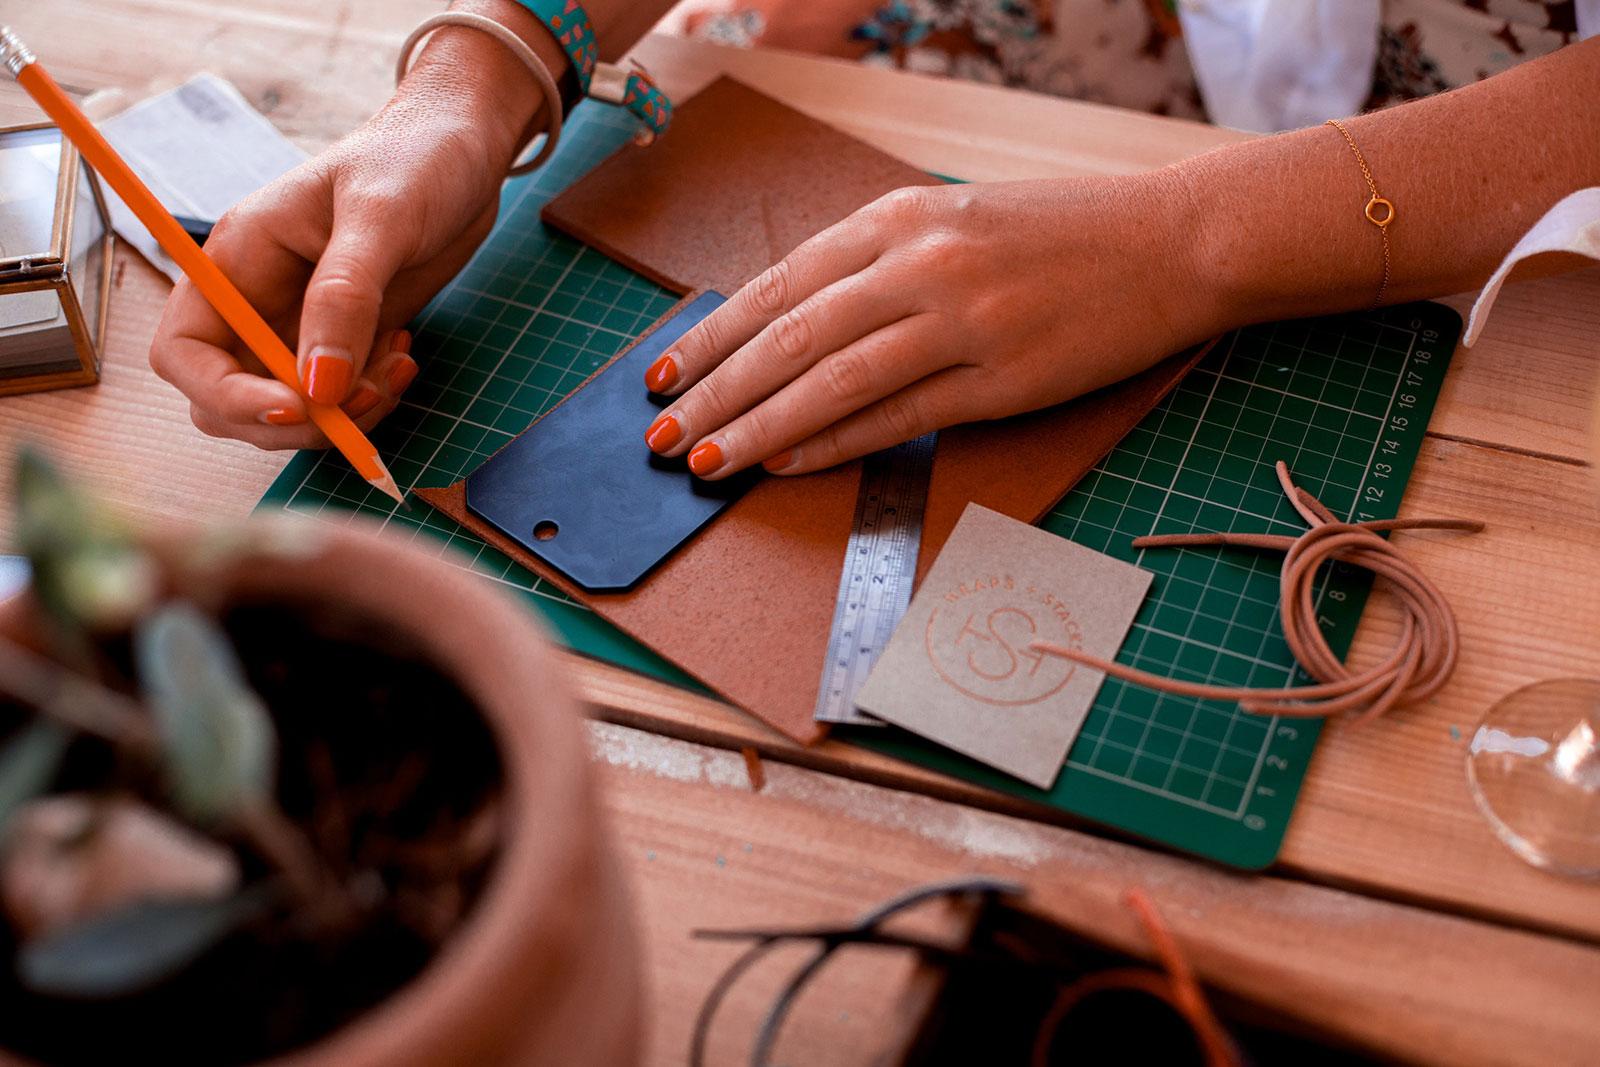 kreativ-workshop-mallorca-kreatives-rahmenprogramm-mallorca-kreativ-aktivitaet-mallorca-3